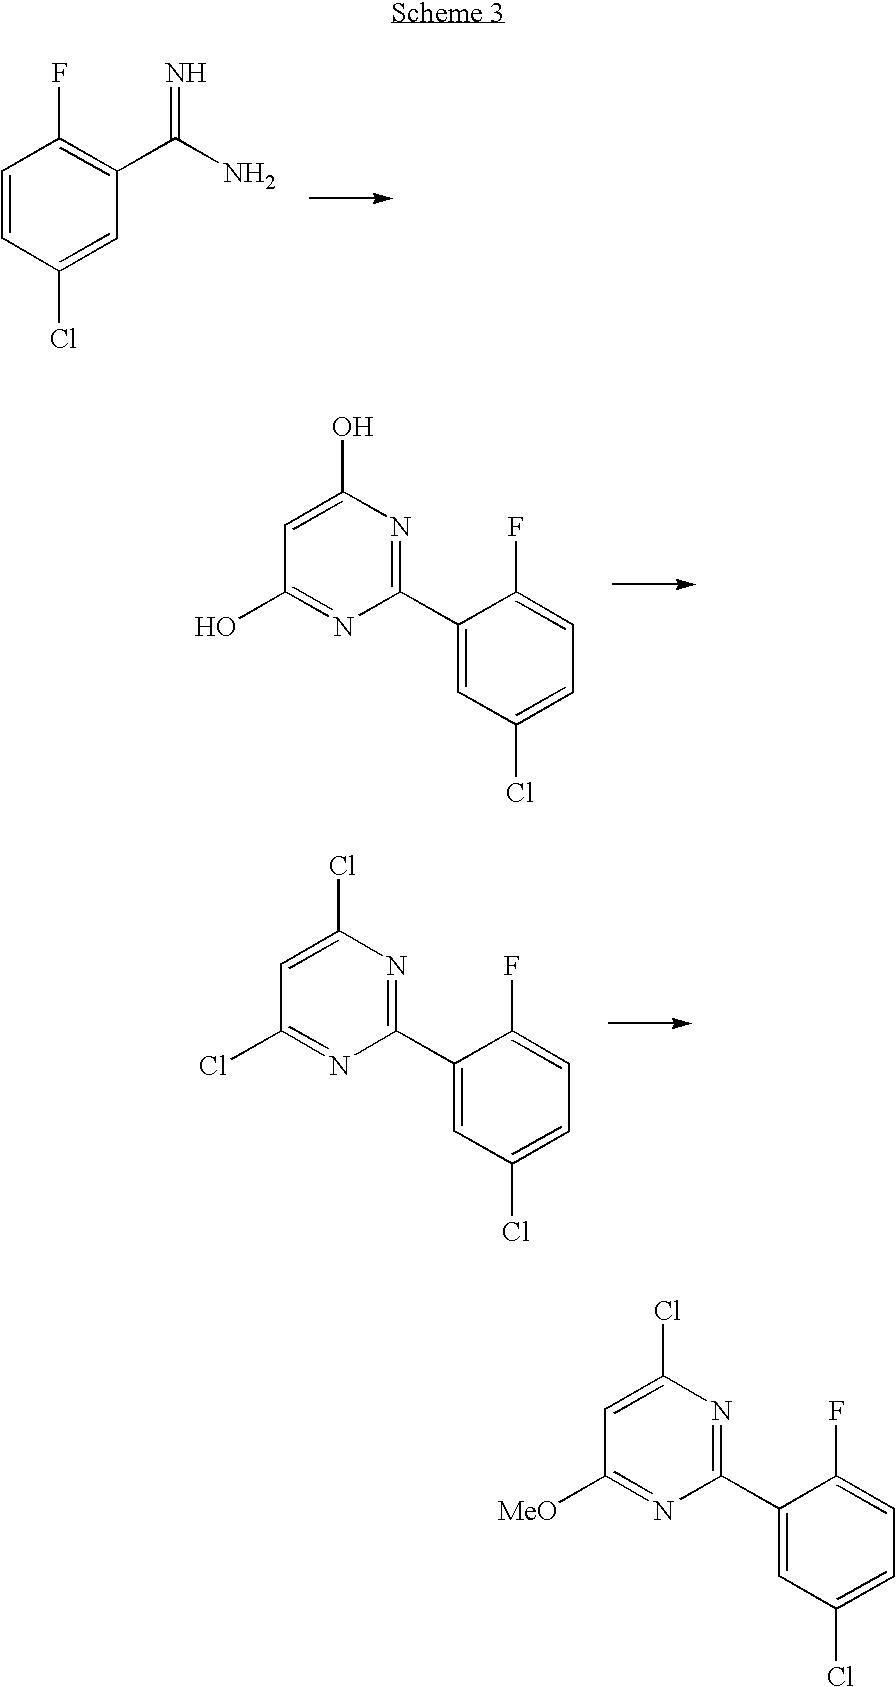 Figure US20060281763A1-20061214-C00004